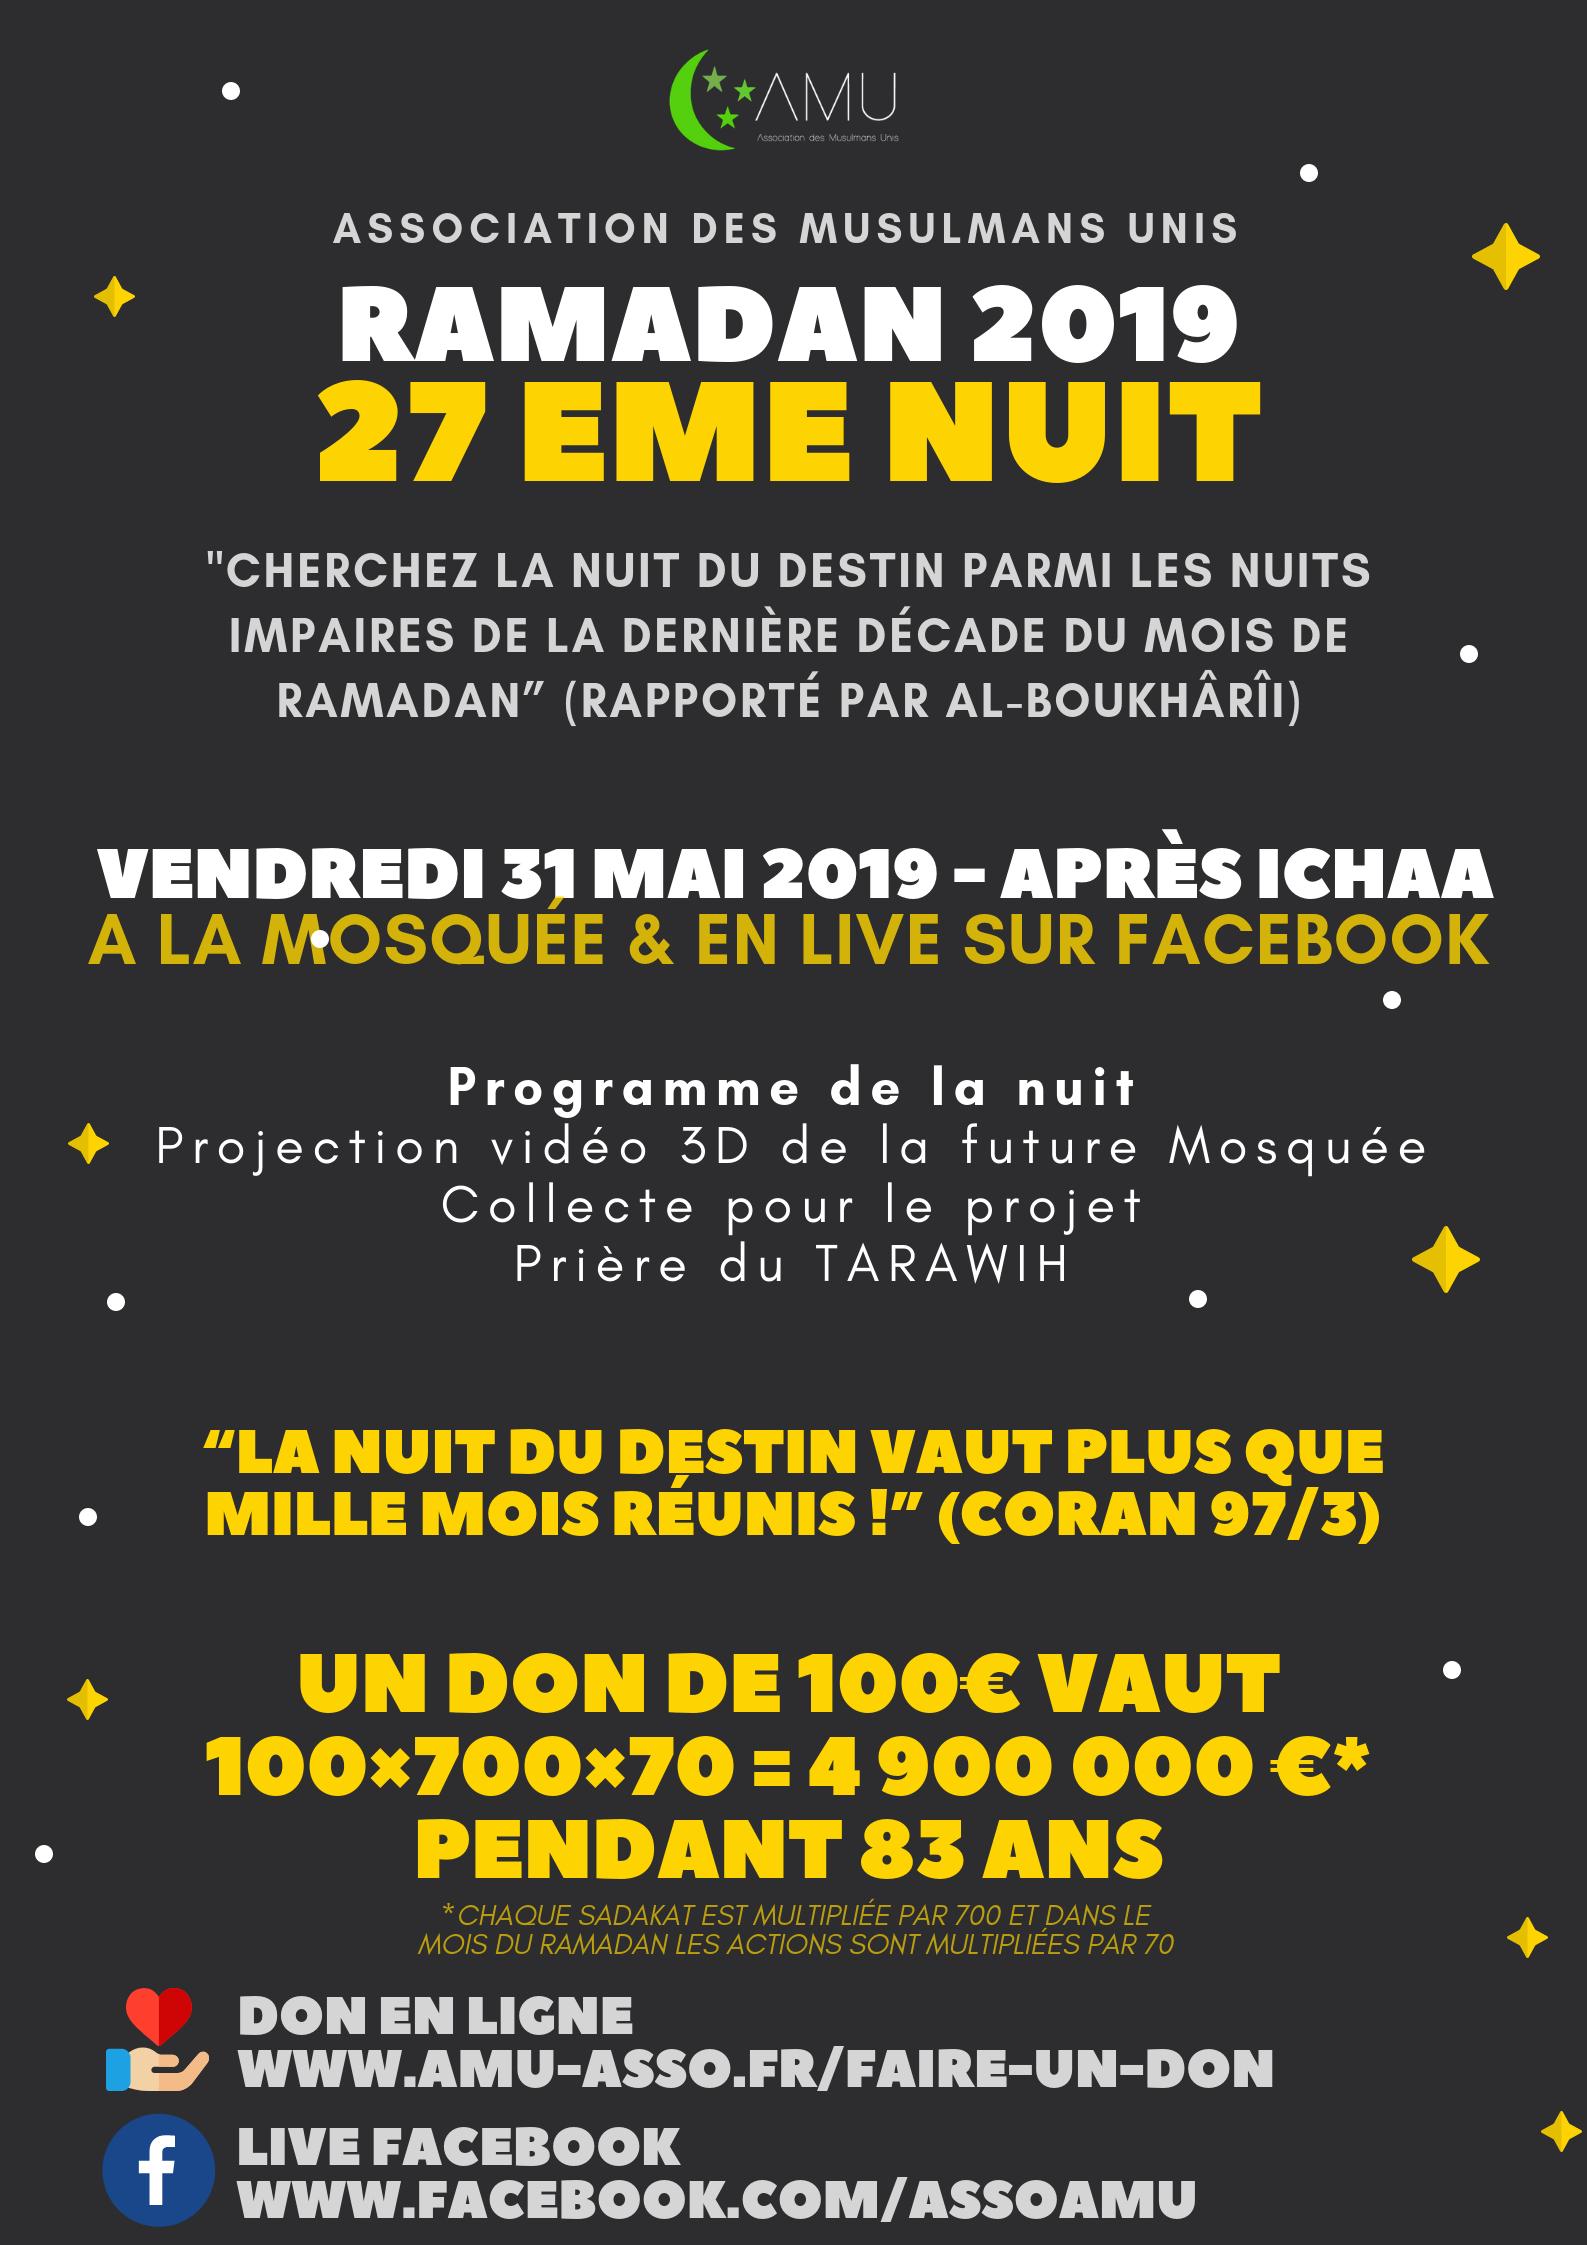 27Eme Nuit De Ramadan 2019 - Mosquée De Teisseire